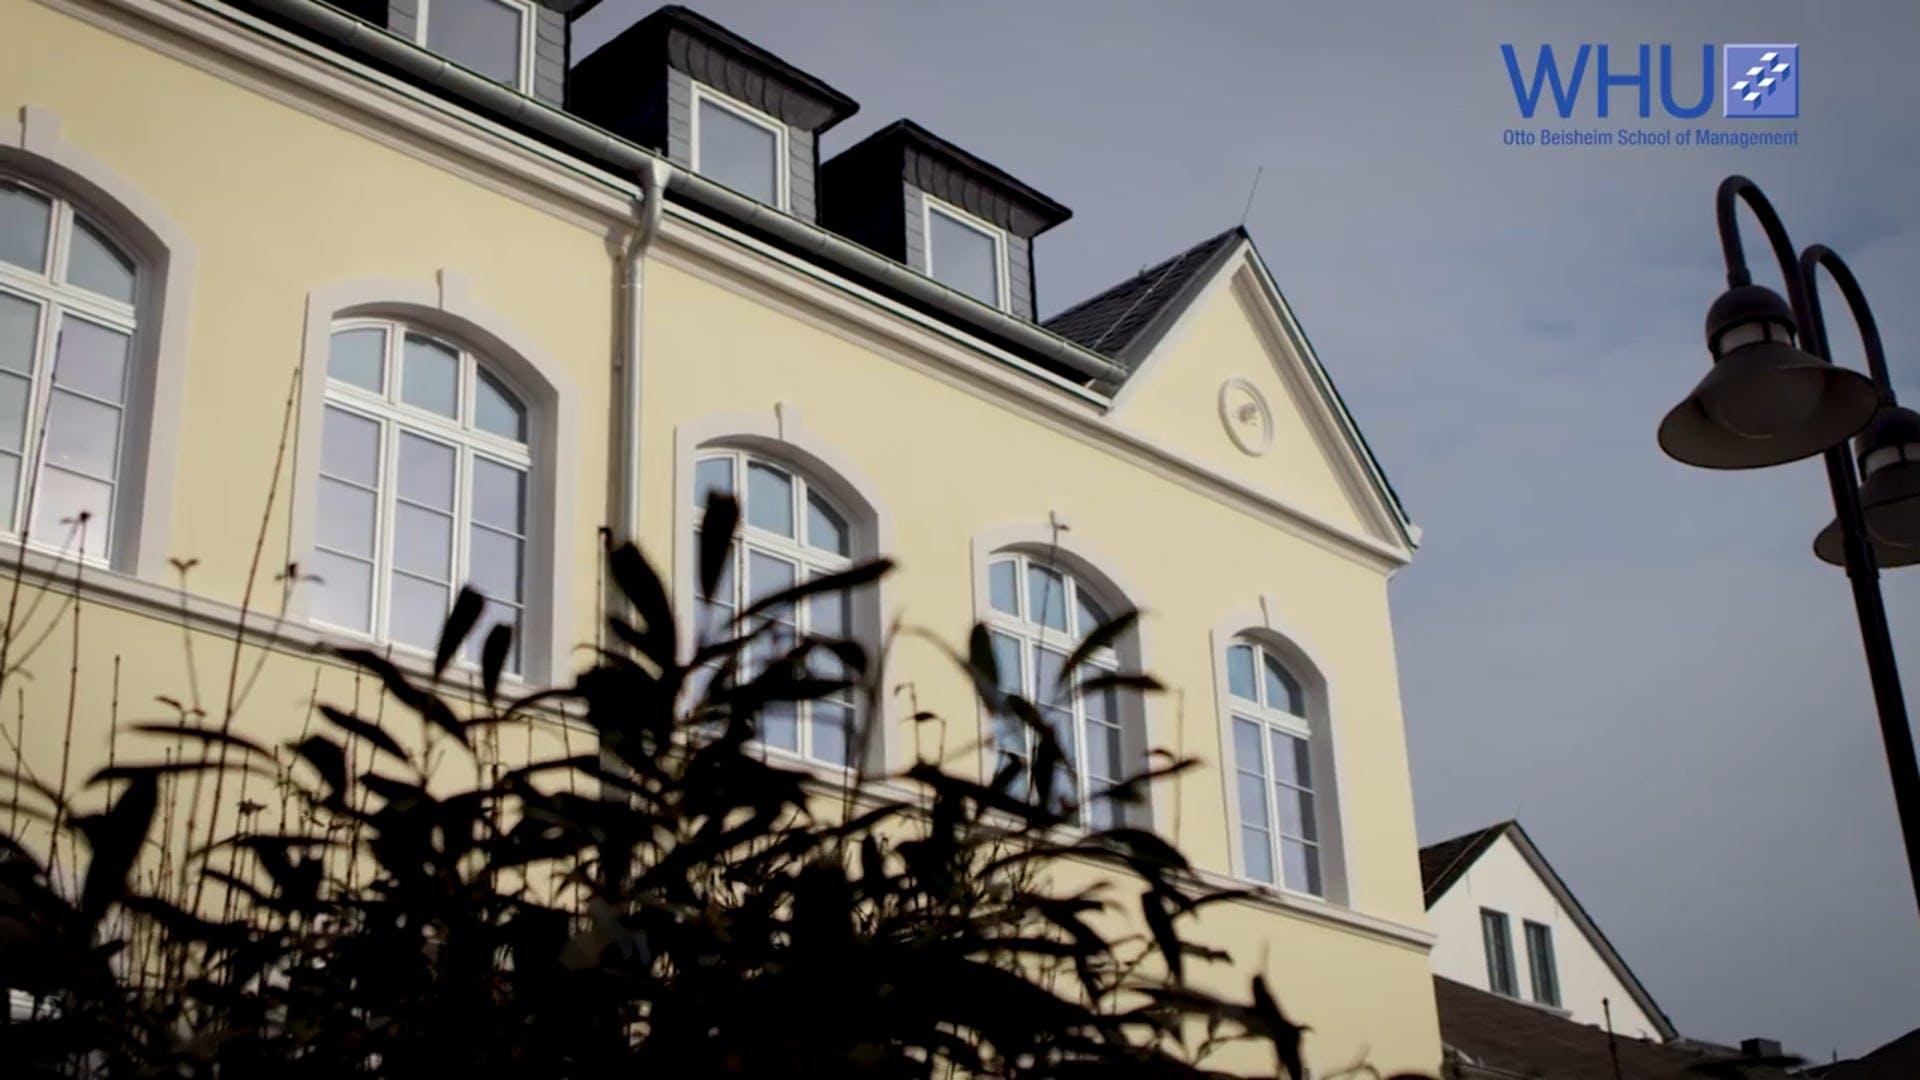 WHU - Otto Beisheim School of Management - Vallendar